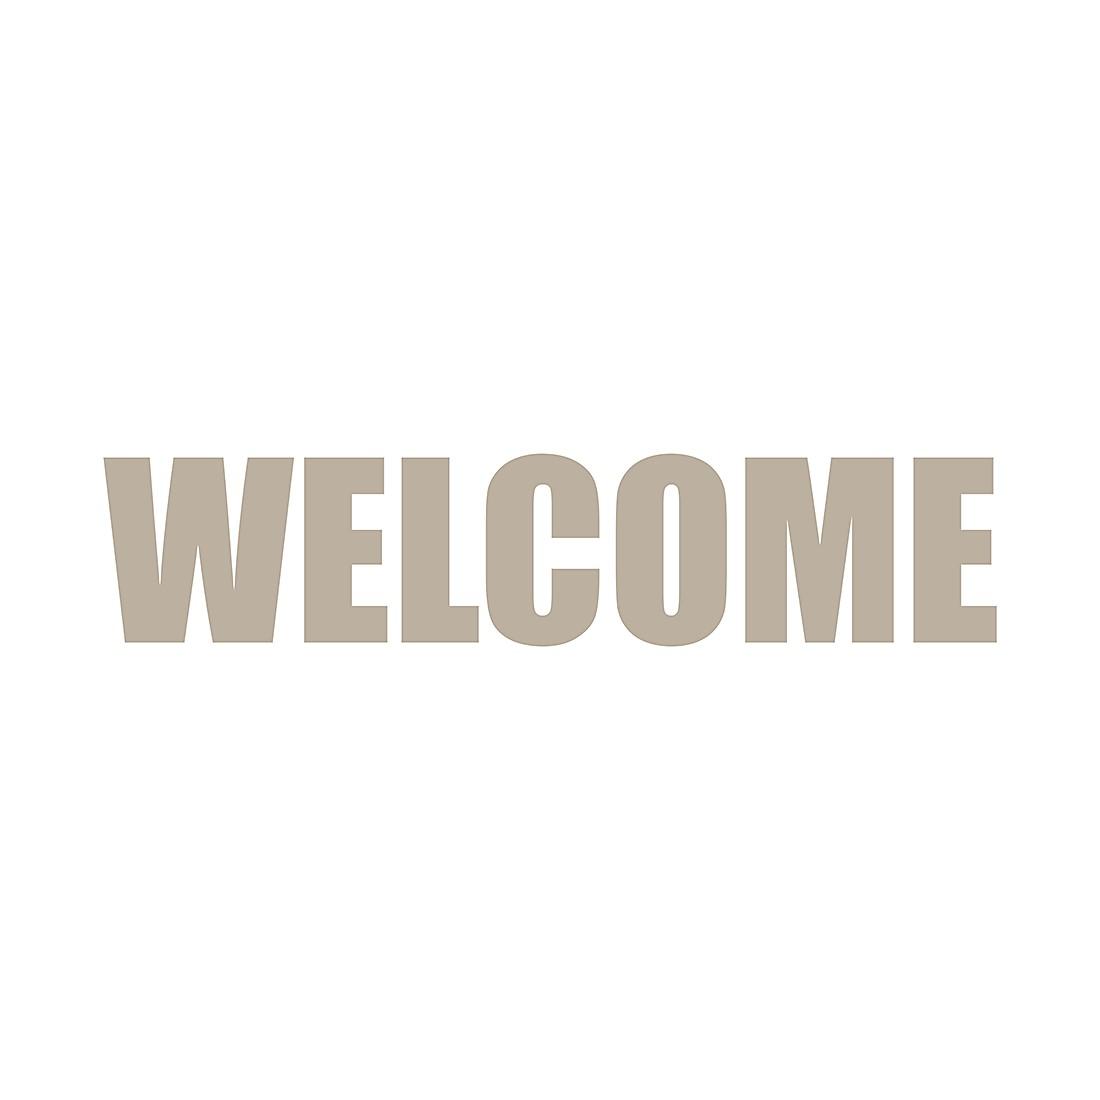 Wandafbeelding Welcome Impact - taupe, Pro Art